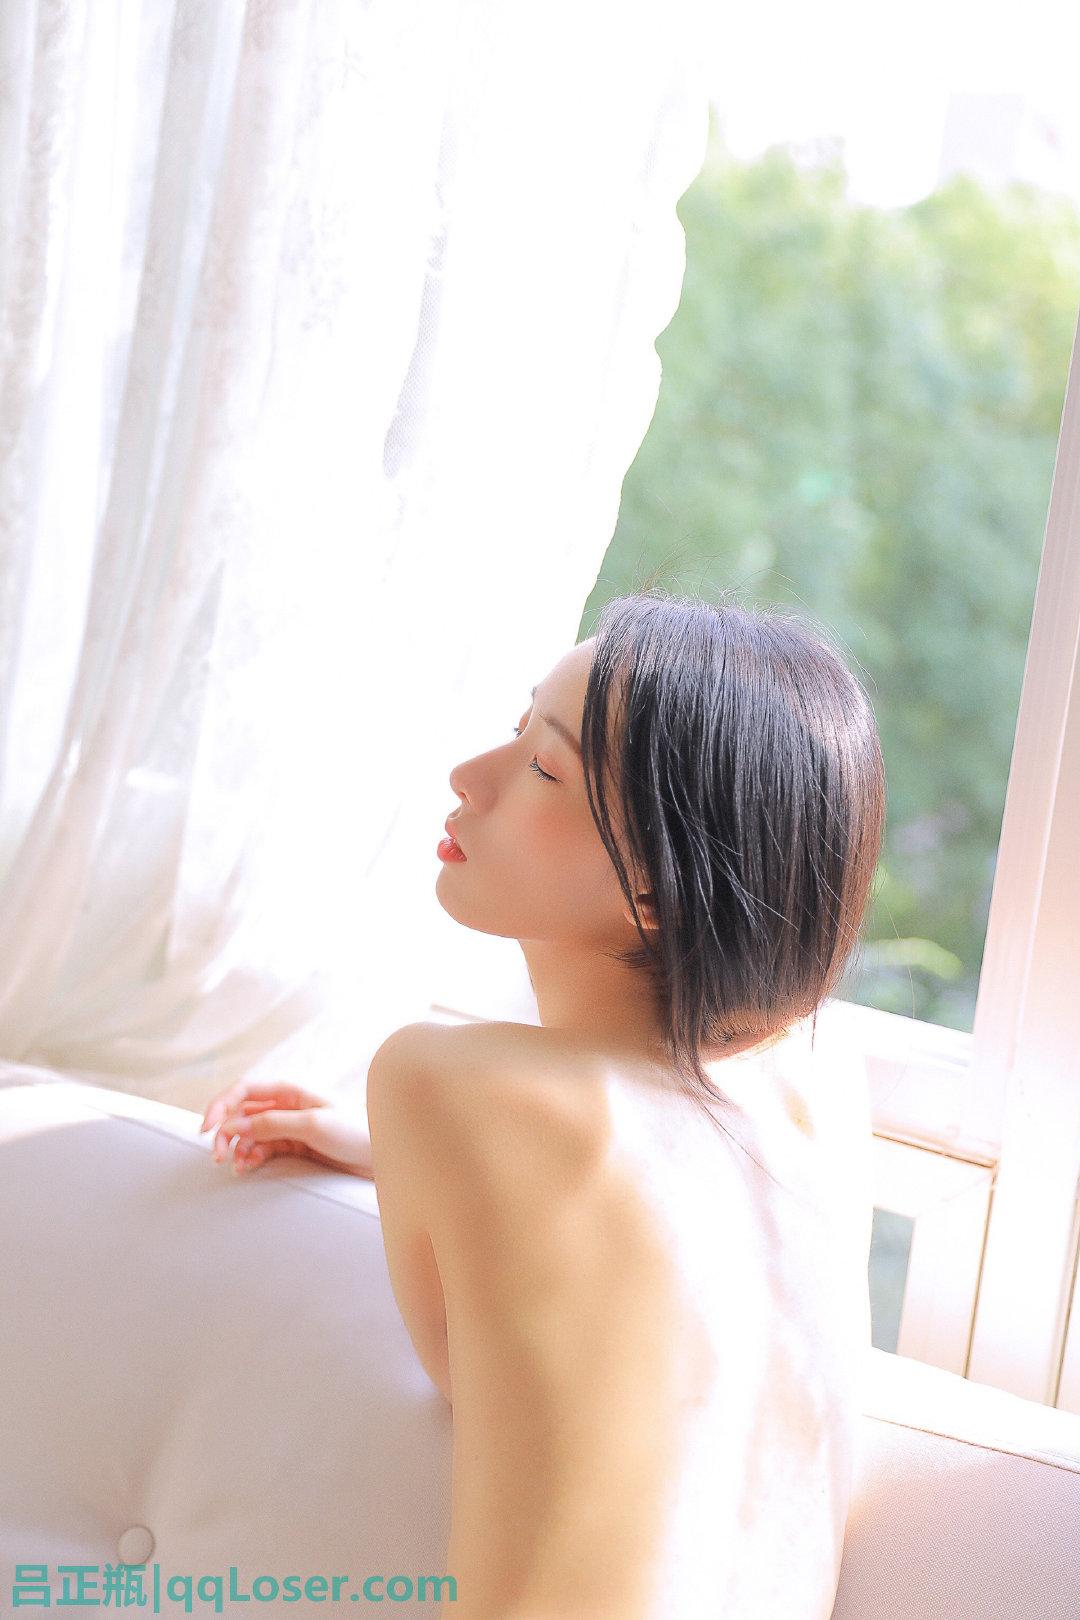 微博妹子@吕正瓶,清纯小姐姐在你生命中留下阳光!